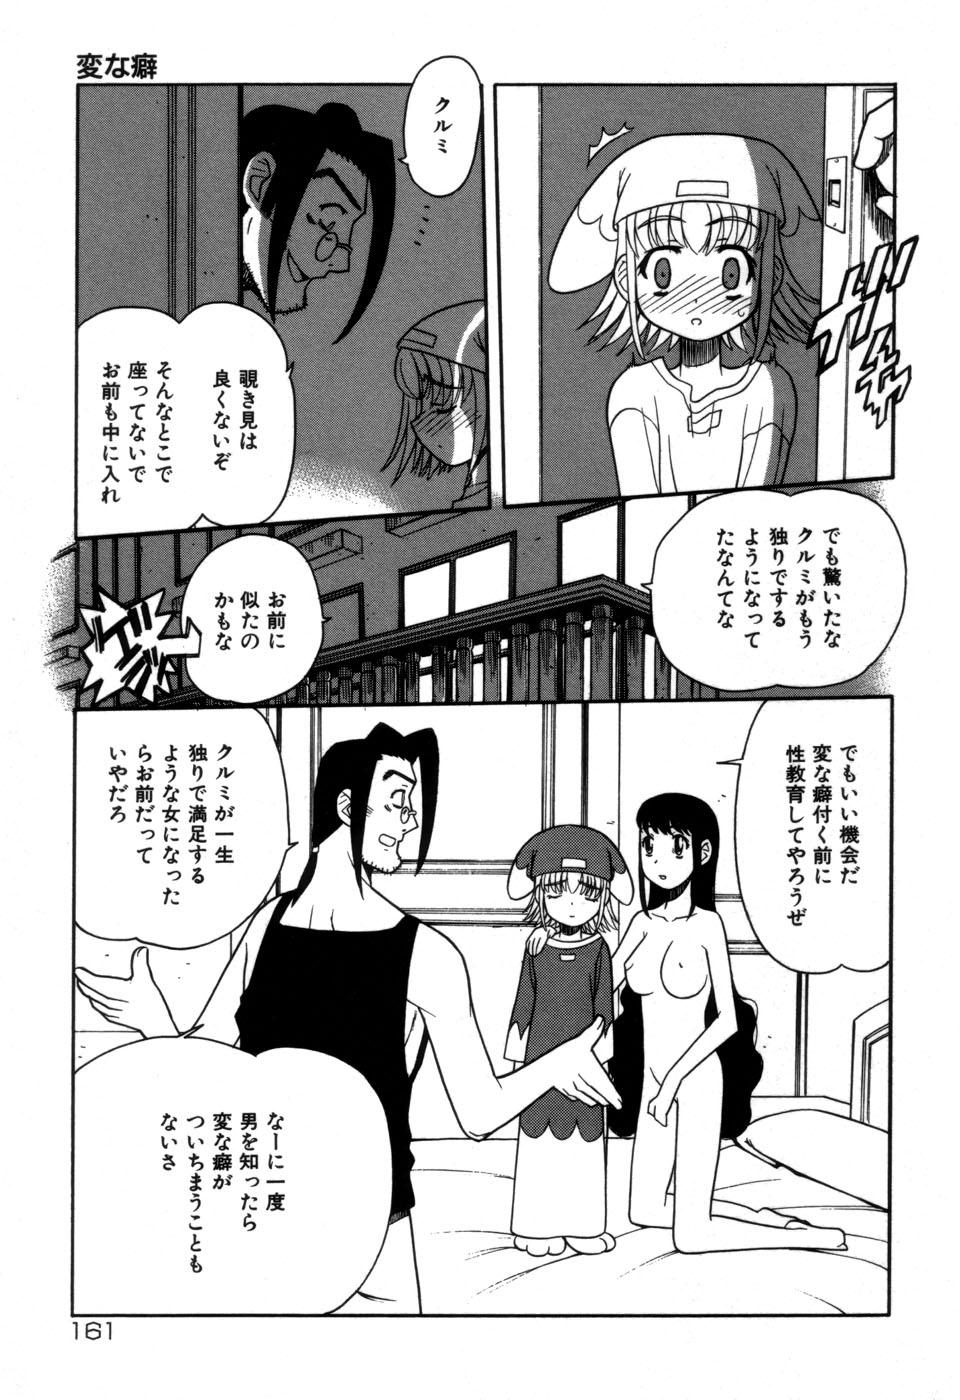 Imouto no Hiasobi 162